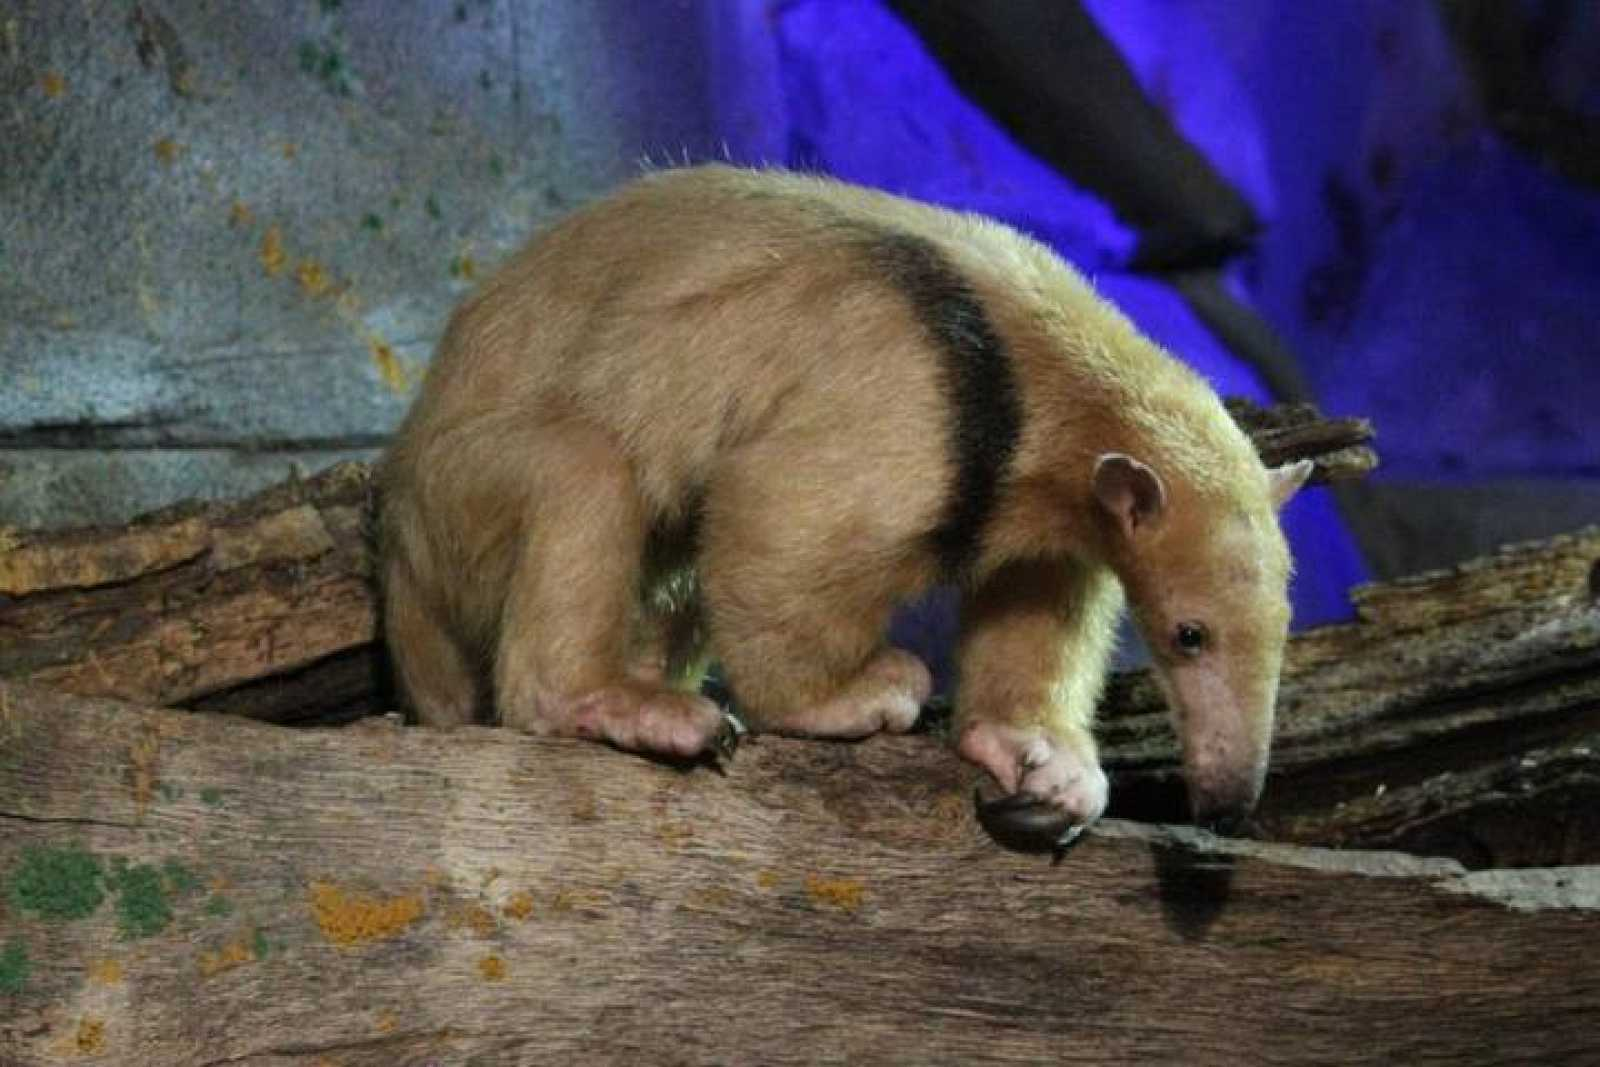 Un ejemplar de oso melero, emparentado con el oso hormiguero.